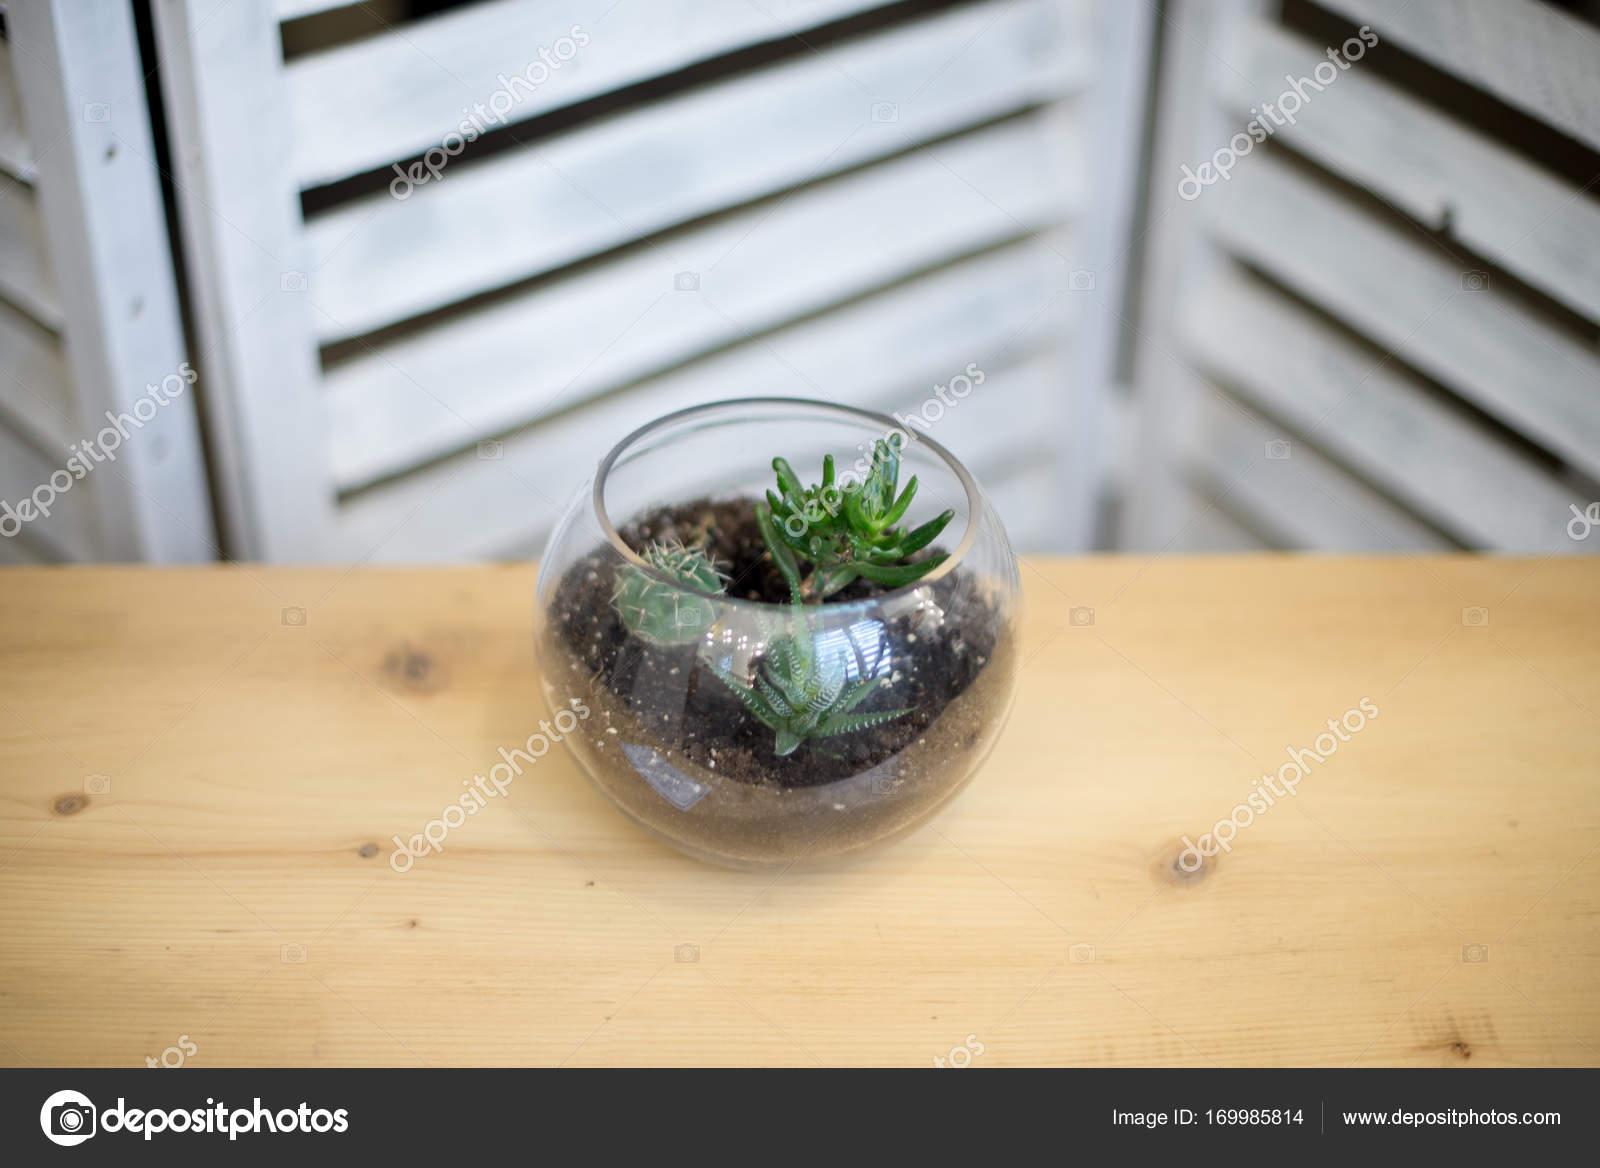 Szklana Doniczka Formą Dwunastościan Z Echeveria I Aloes